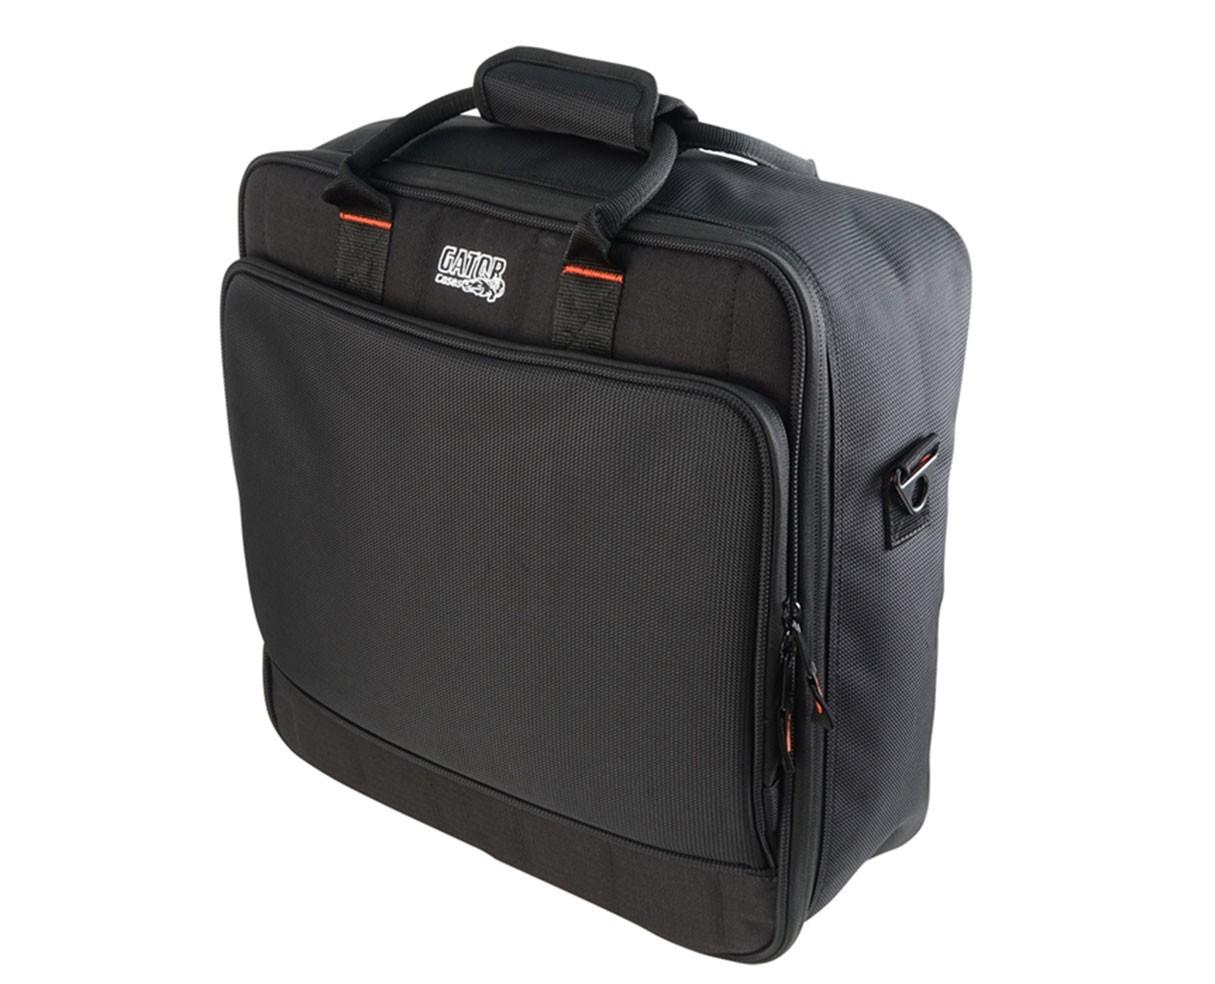 Gator Cases G-MIXERBAG-1515 Mixer Bag